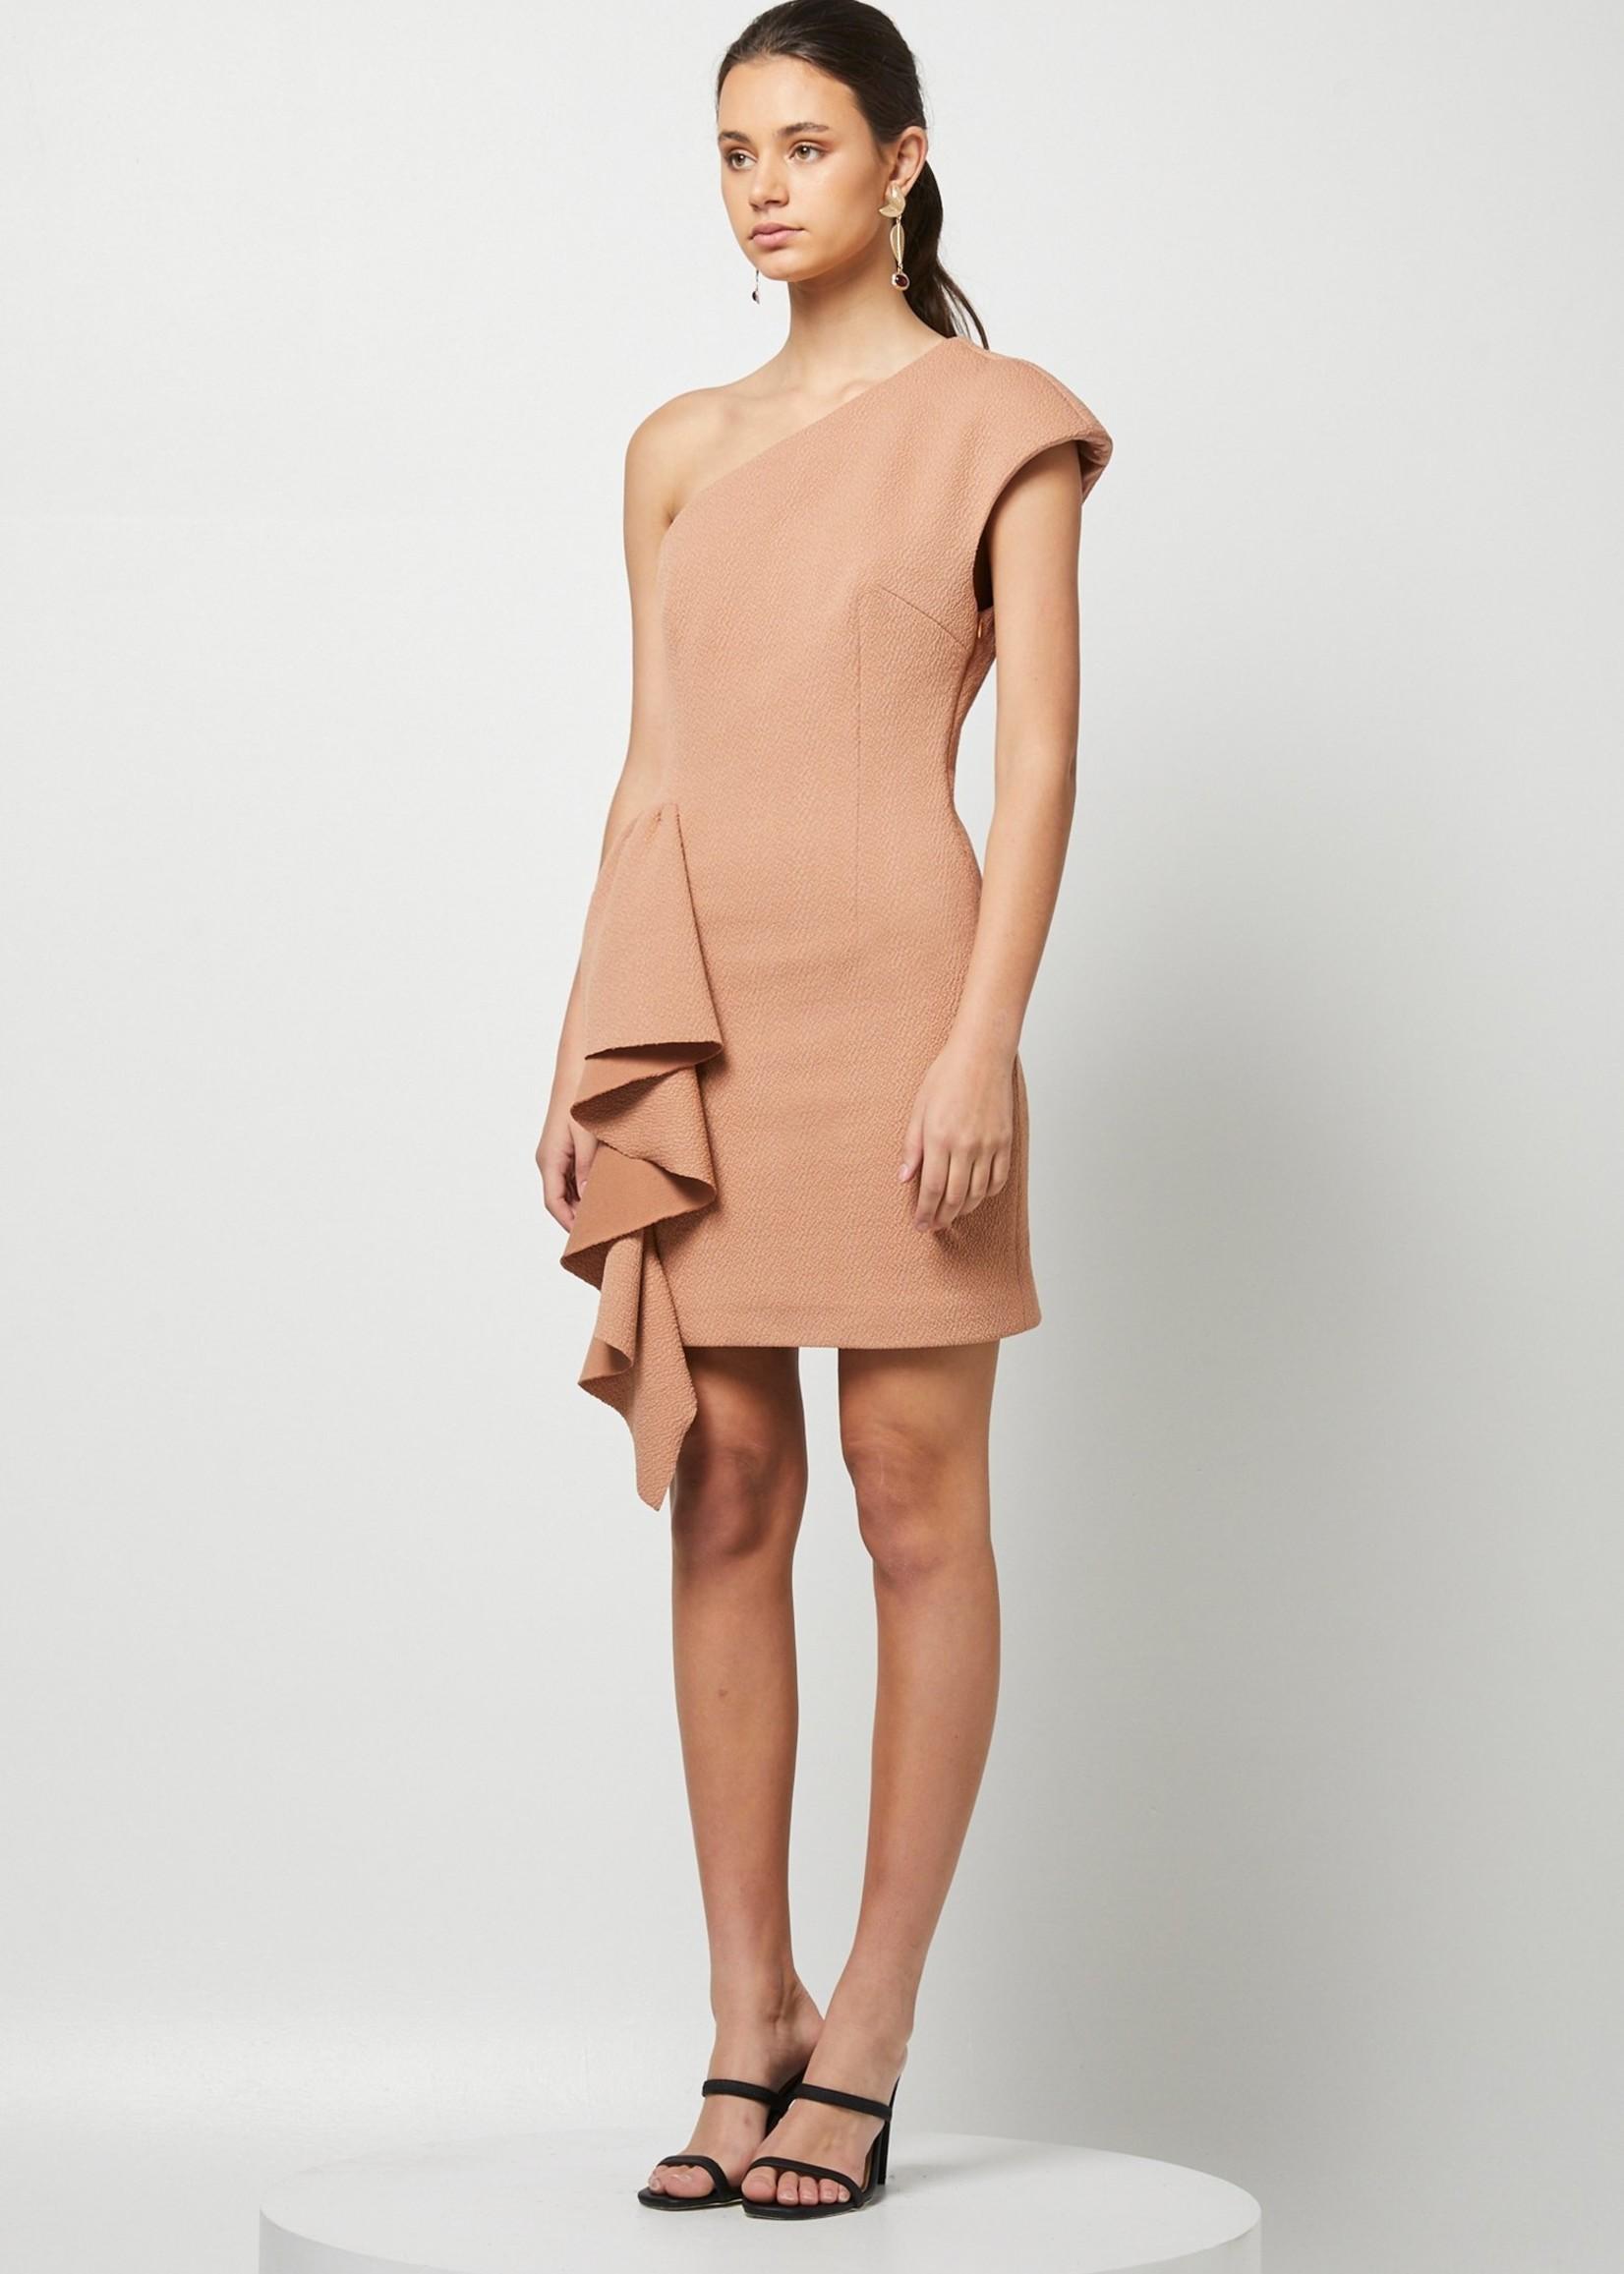 Elitaire Boutique Jacelyn Taupe Dress